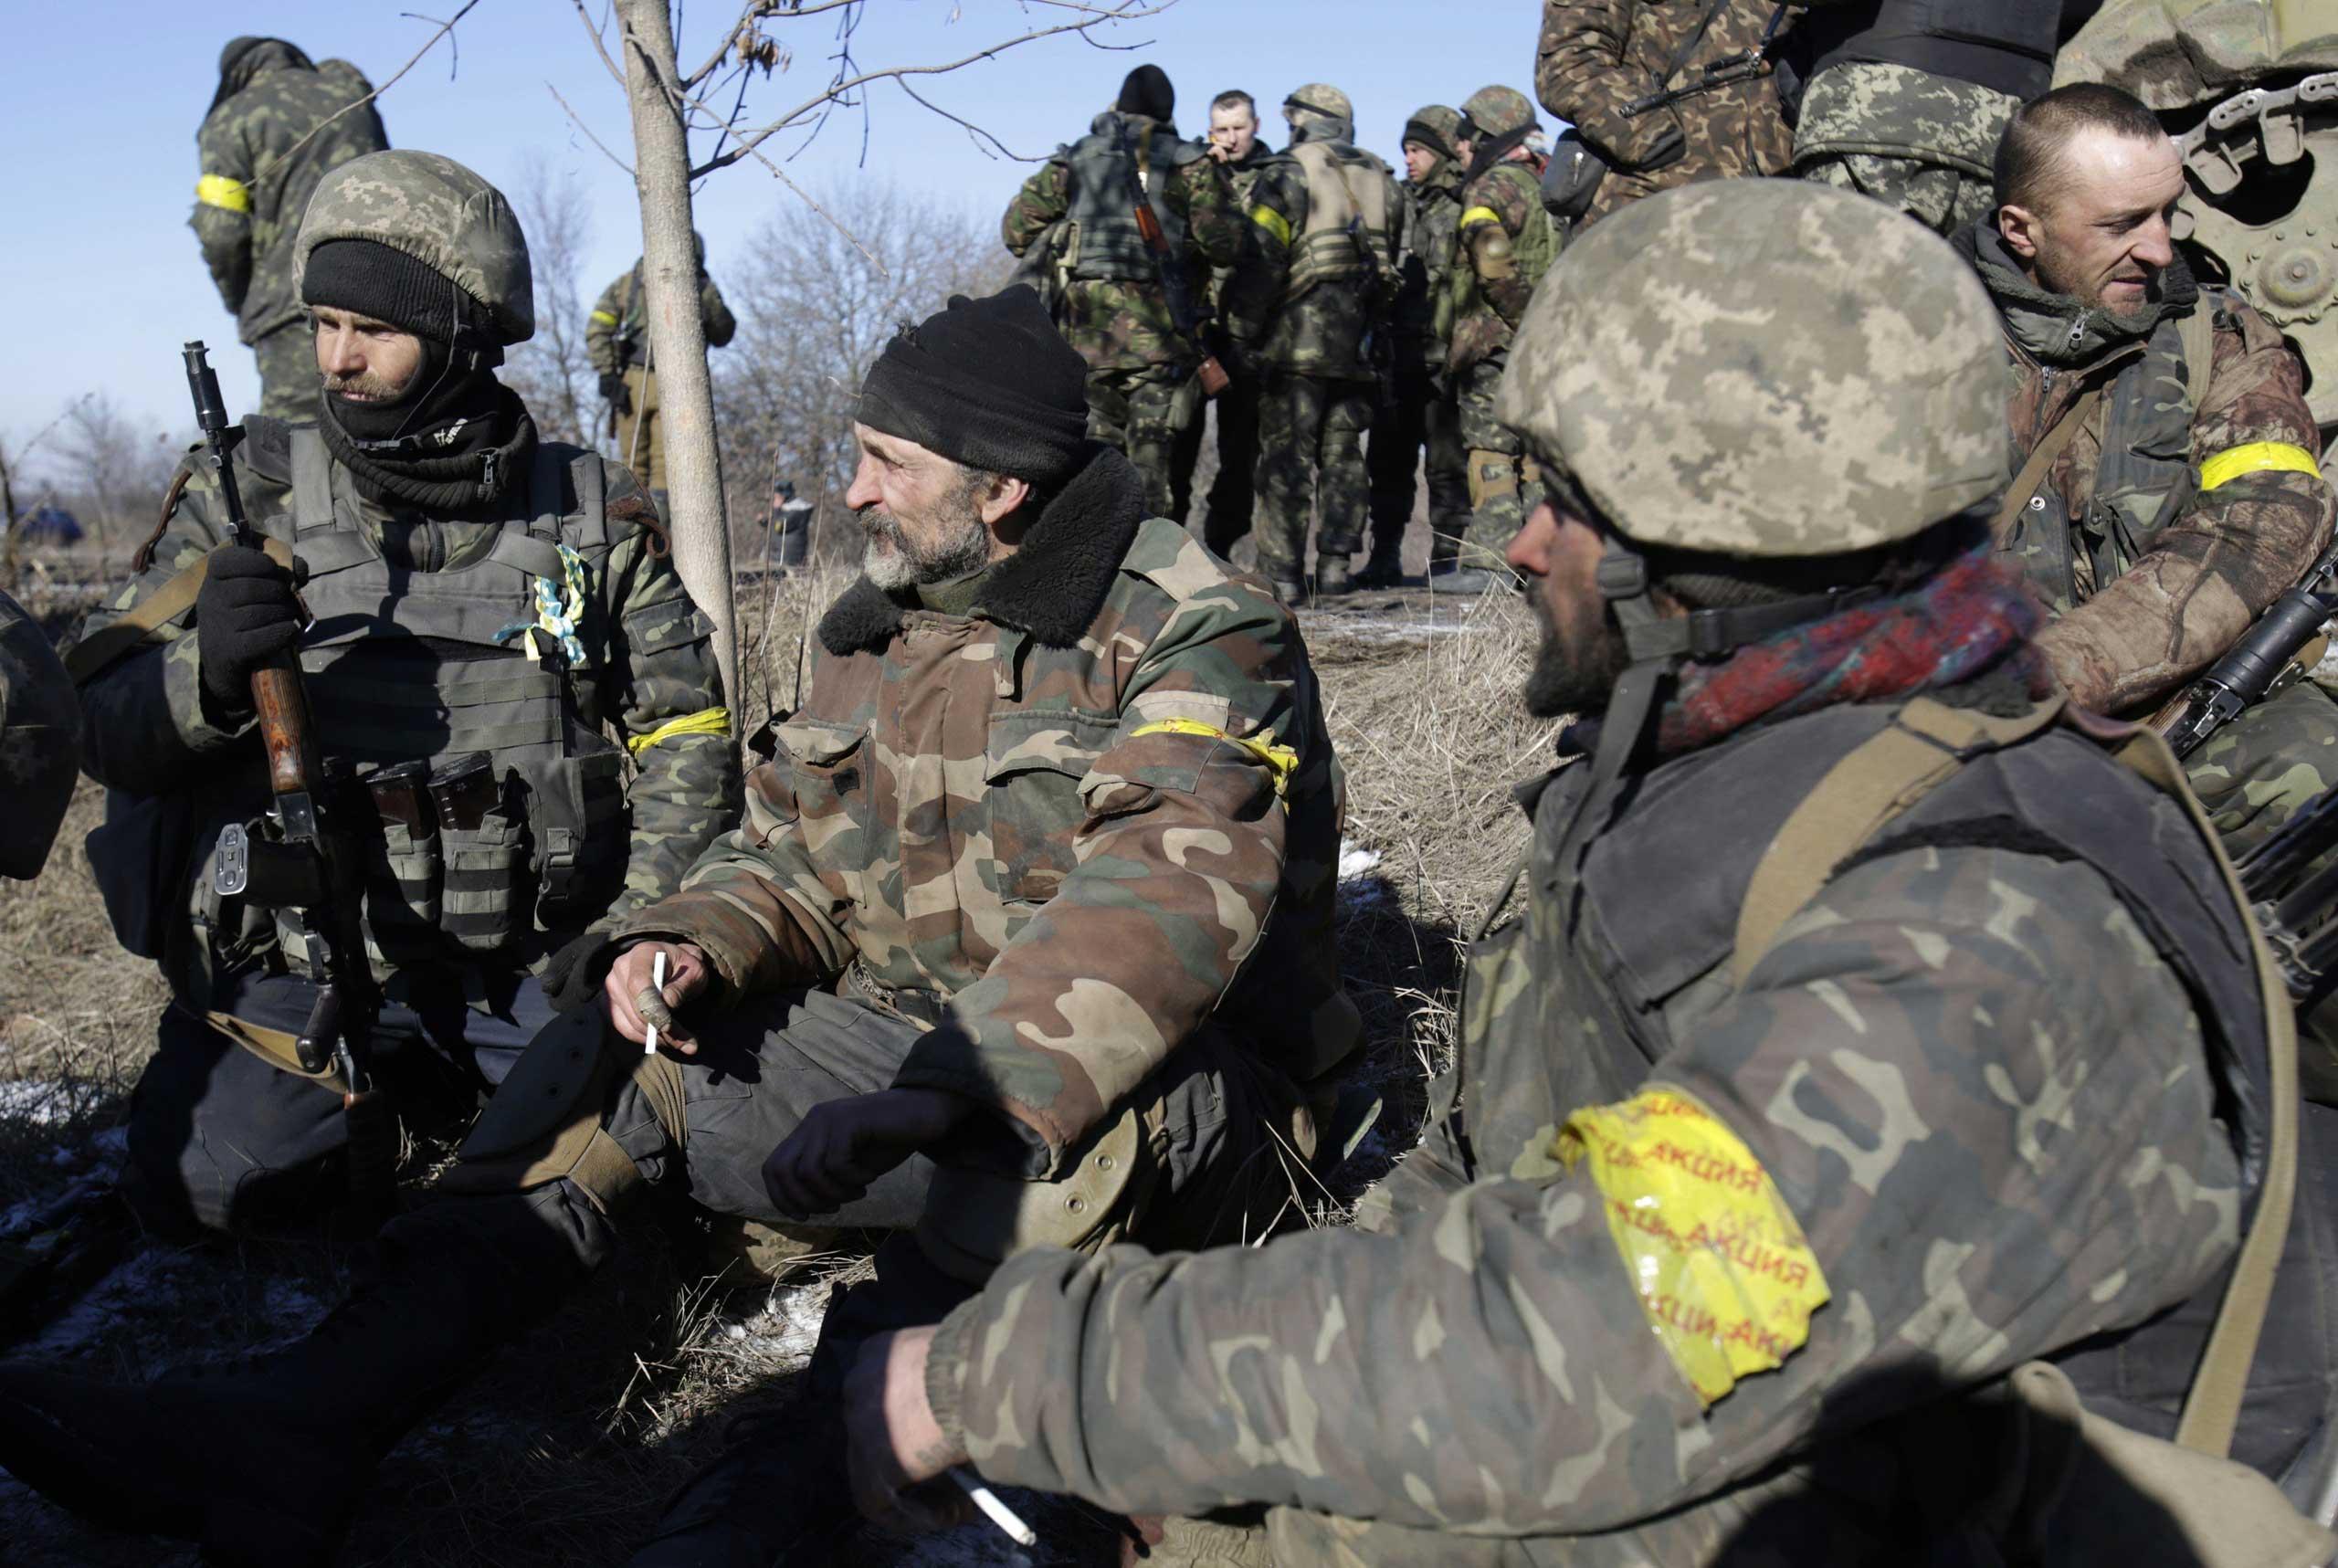 Ukrainian soldiers rest near Artemivsk after leaving Debaltseve in the Donetsk region on Feb. 18, 2015.